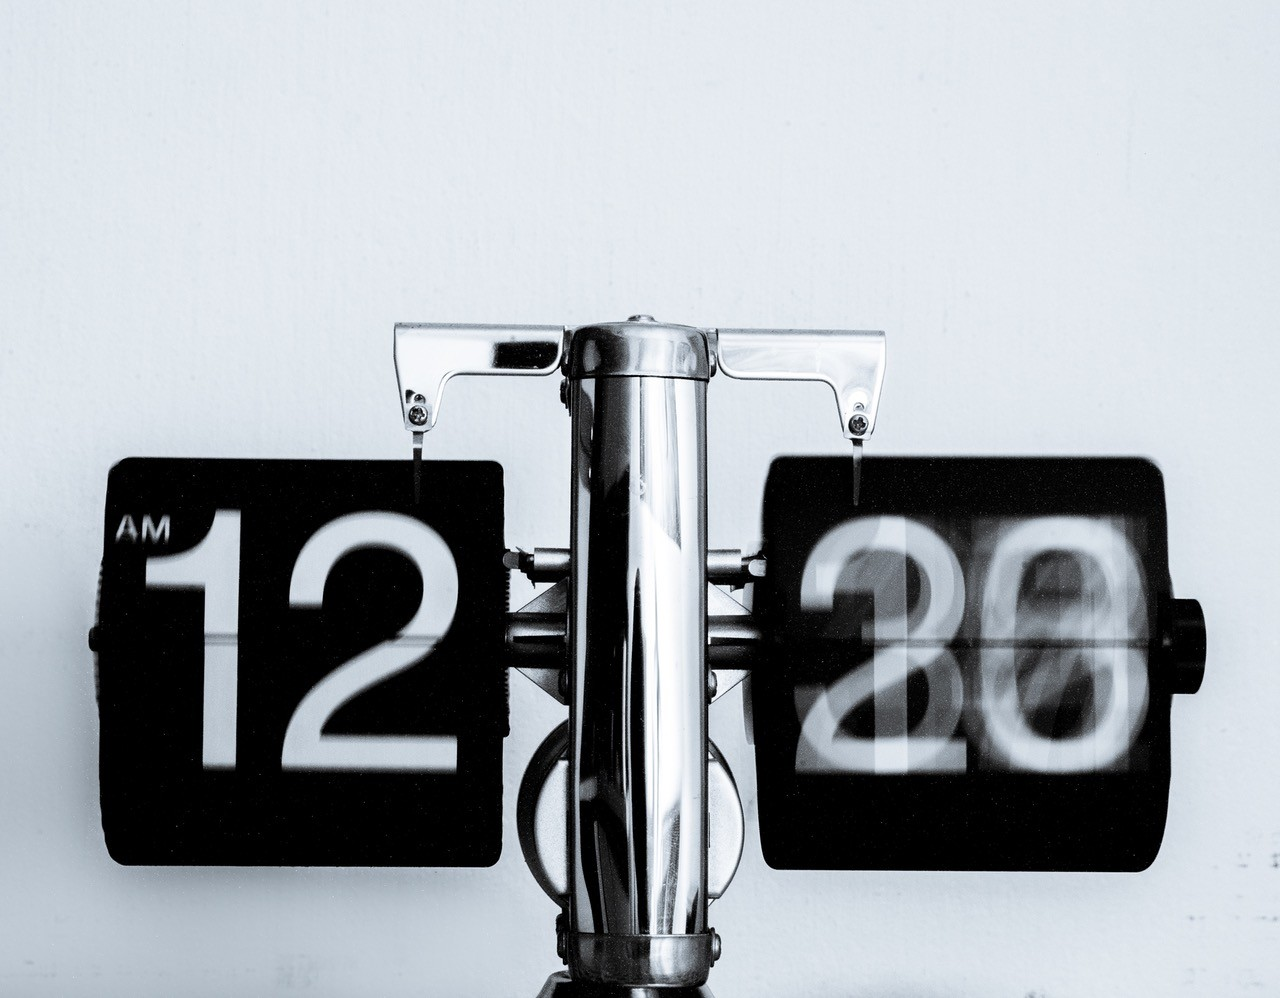 Reloj que indica la hora